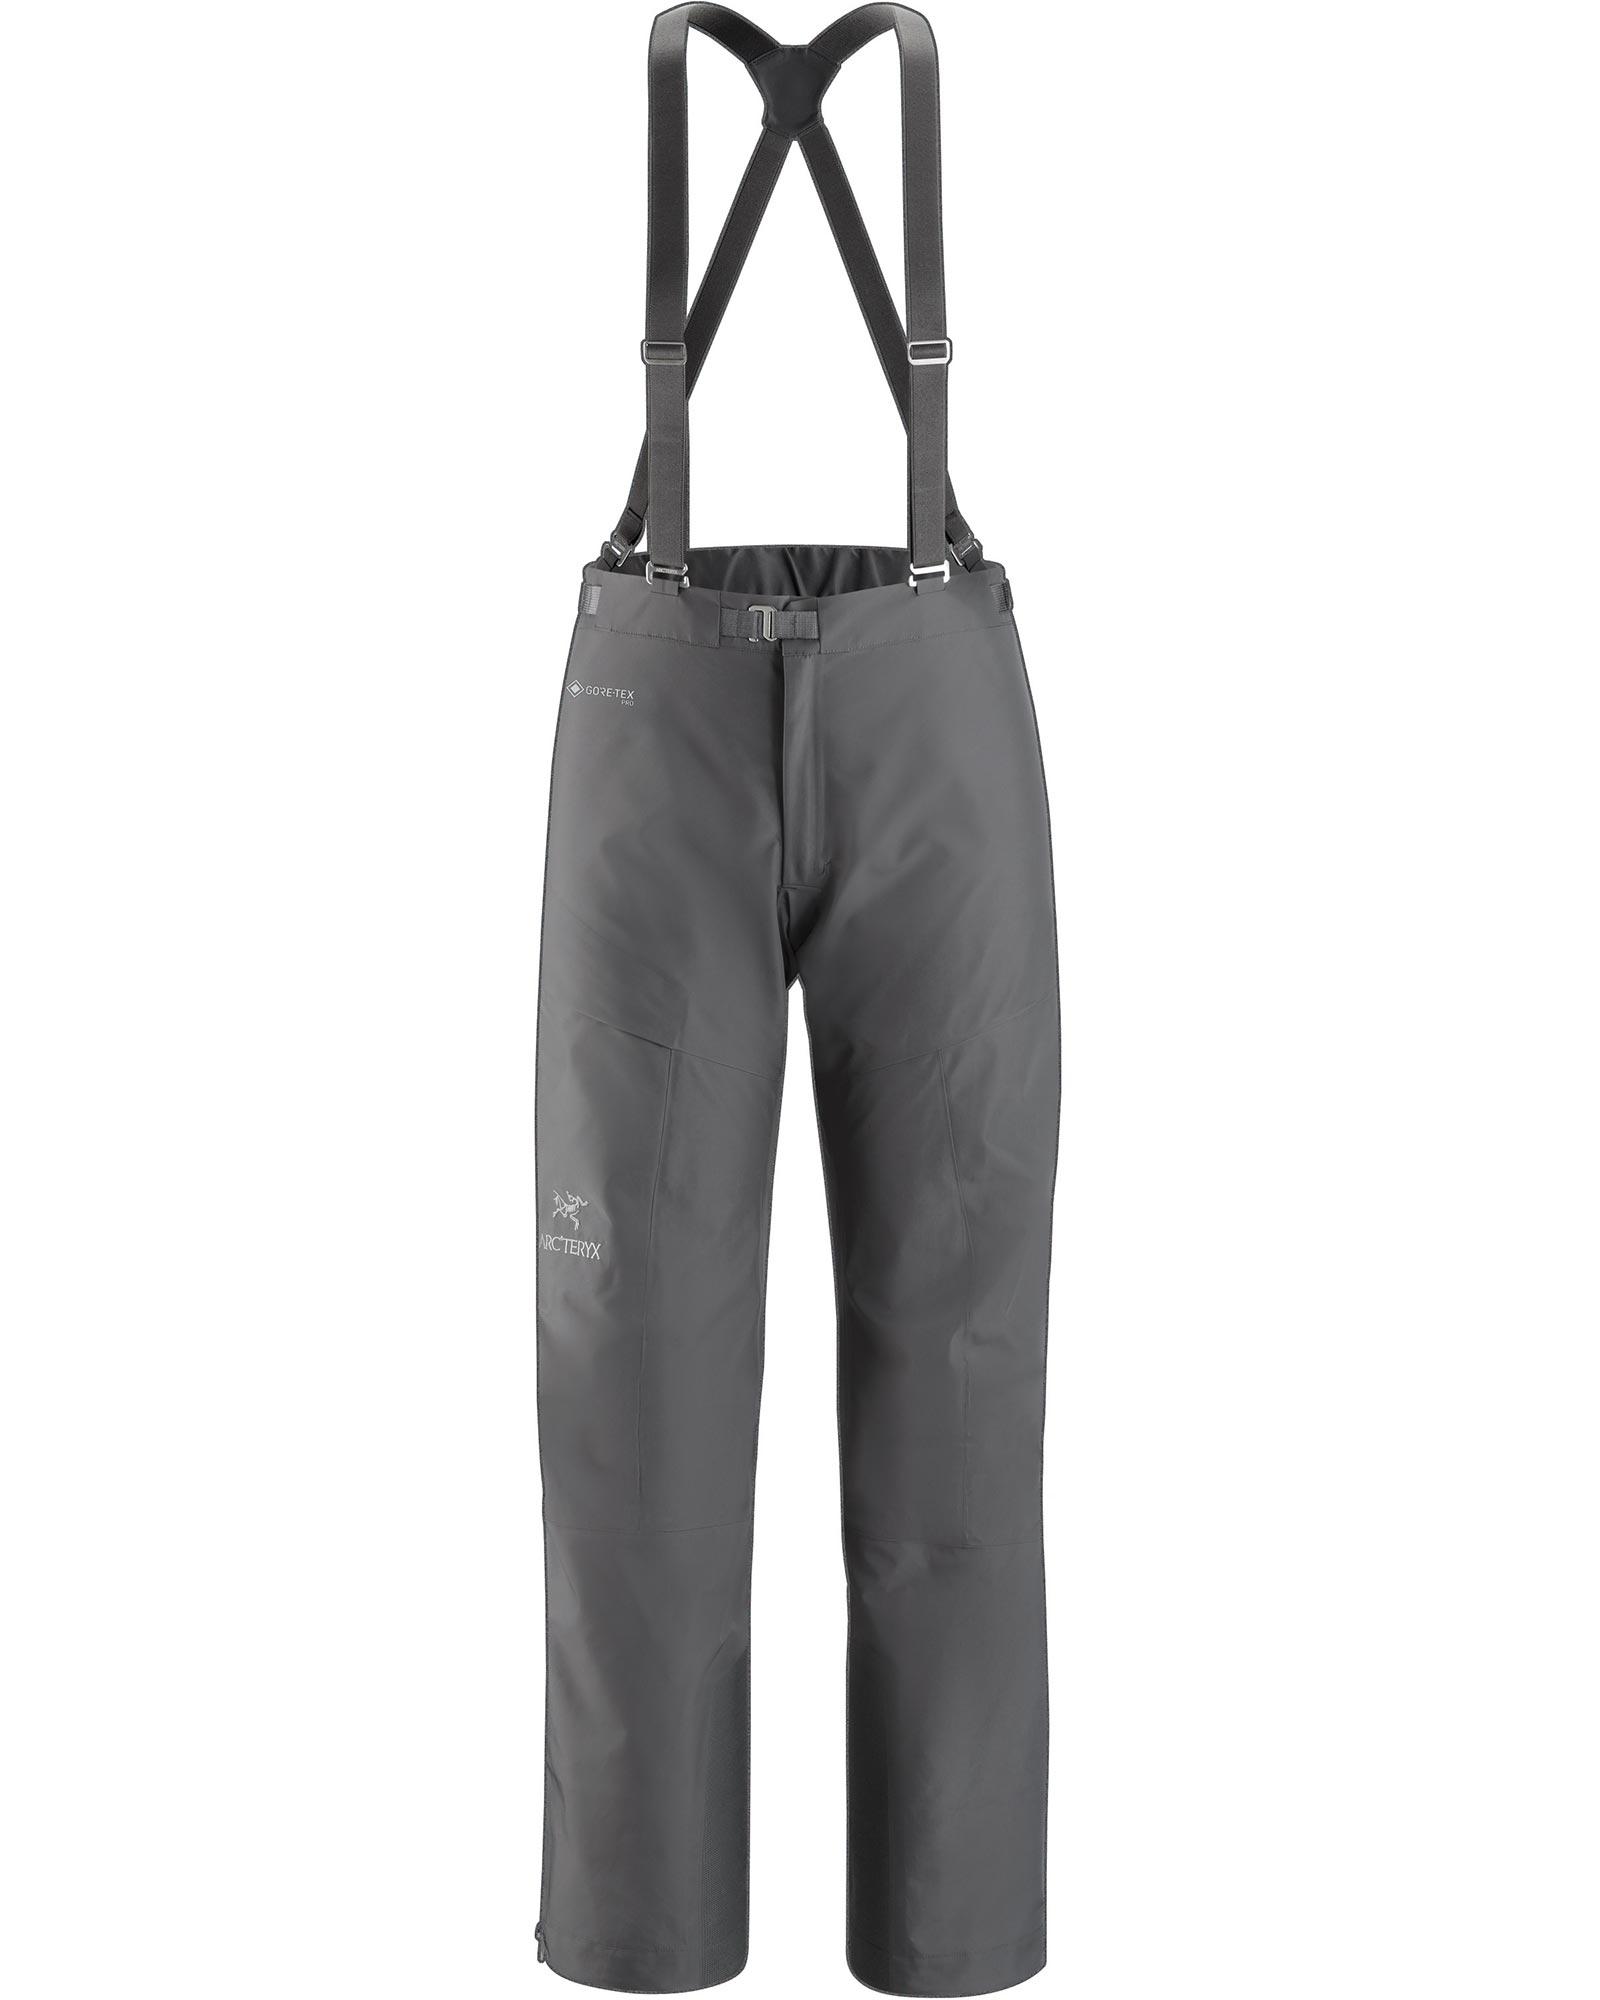 Arc'teryx Alpha AR GORE-TEX Pro Women's Pants 0